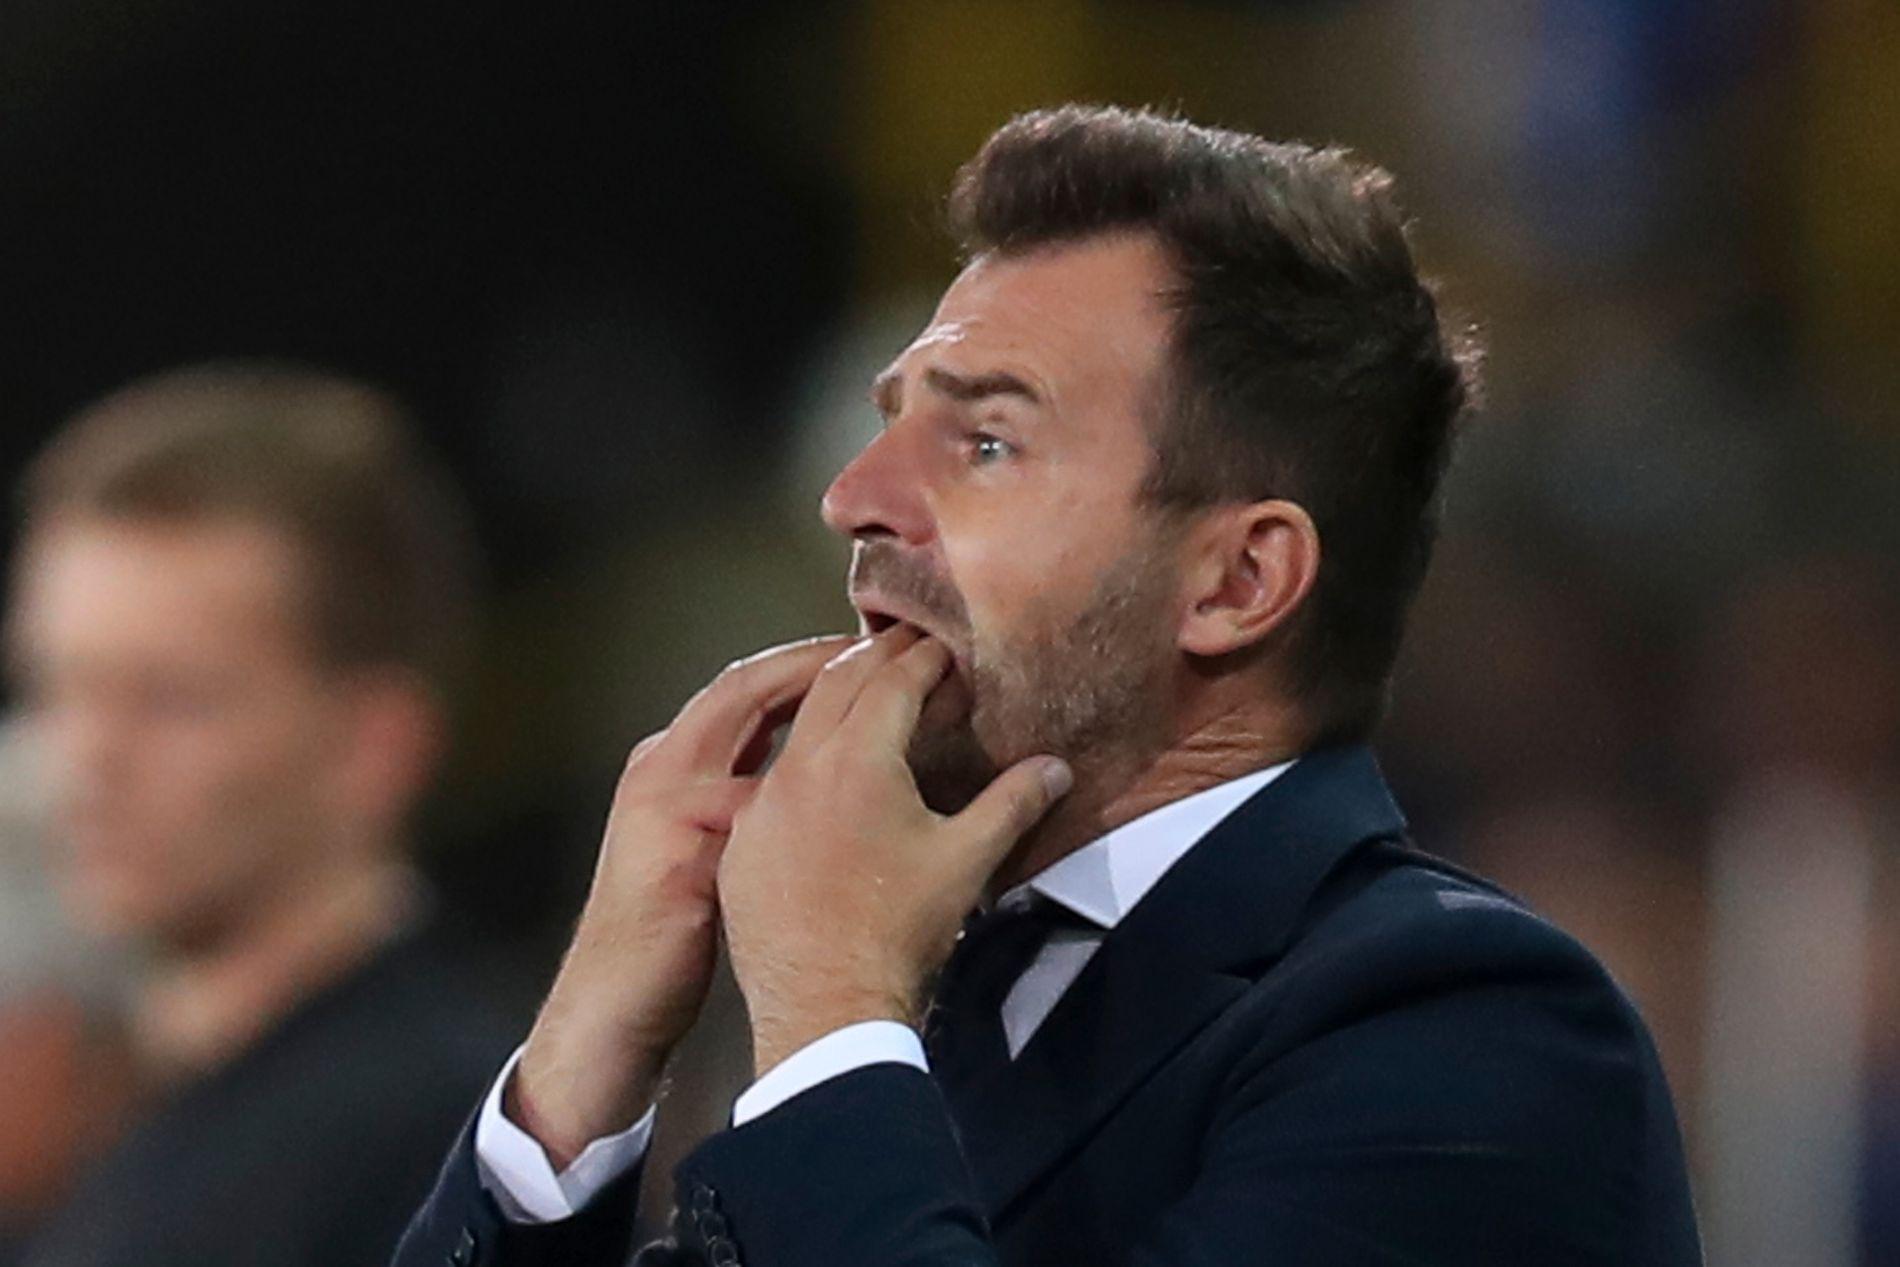 Club Brugge-trener Ivan Leko må i avhør hos påtalemyndigheten i forbindelse med mistanker om kampfiksing og juks med spilleroverganger i belgisk fotball. Foto: AP Photo / Francisco Seco / NTB scanpix.